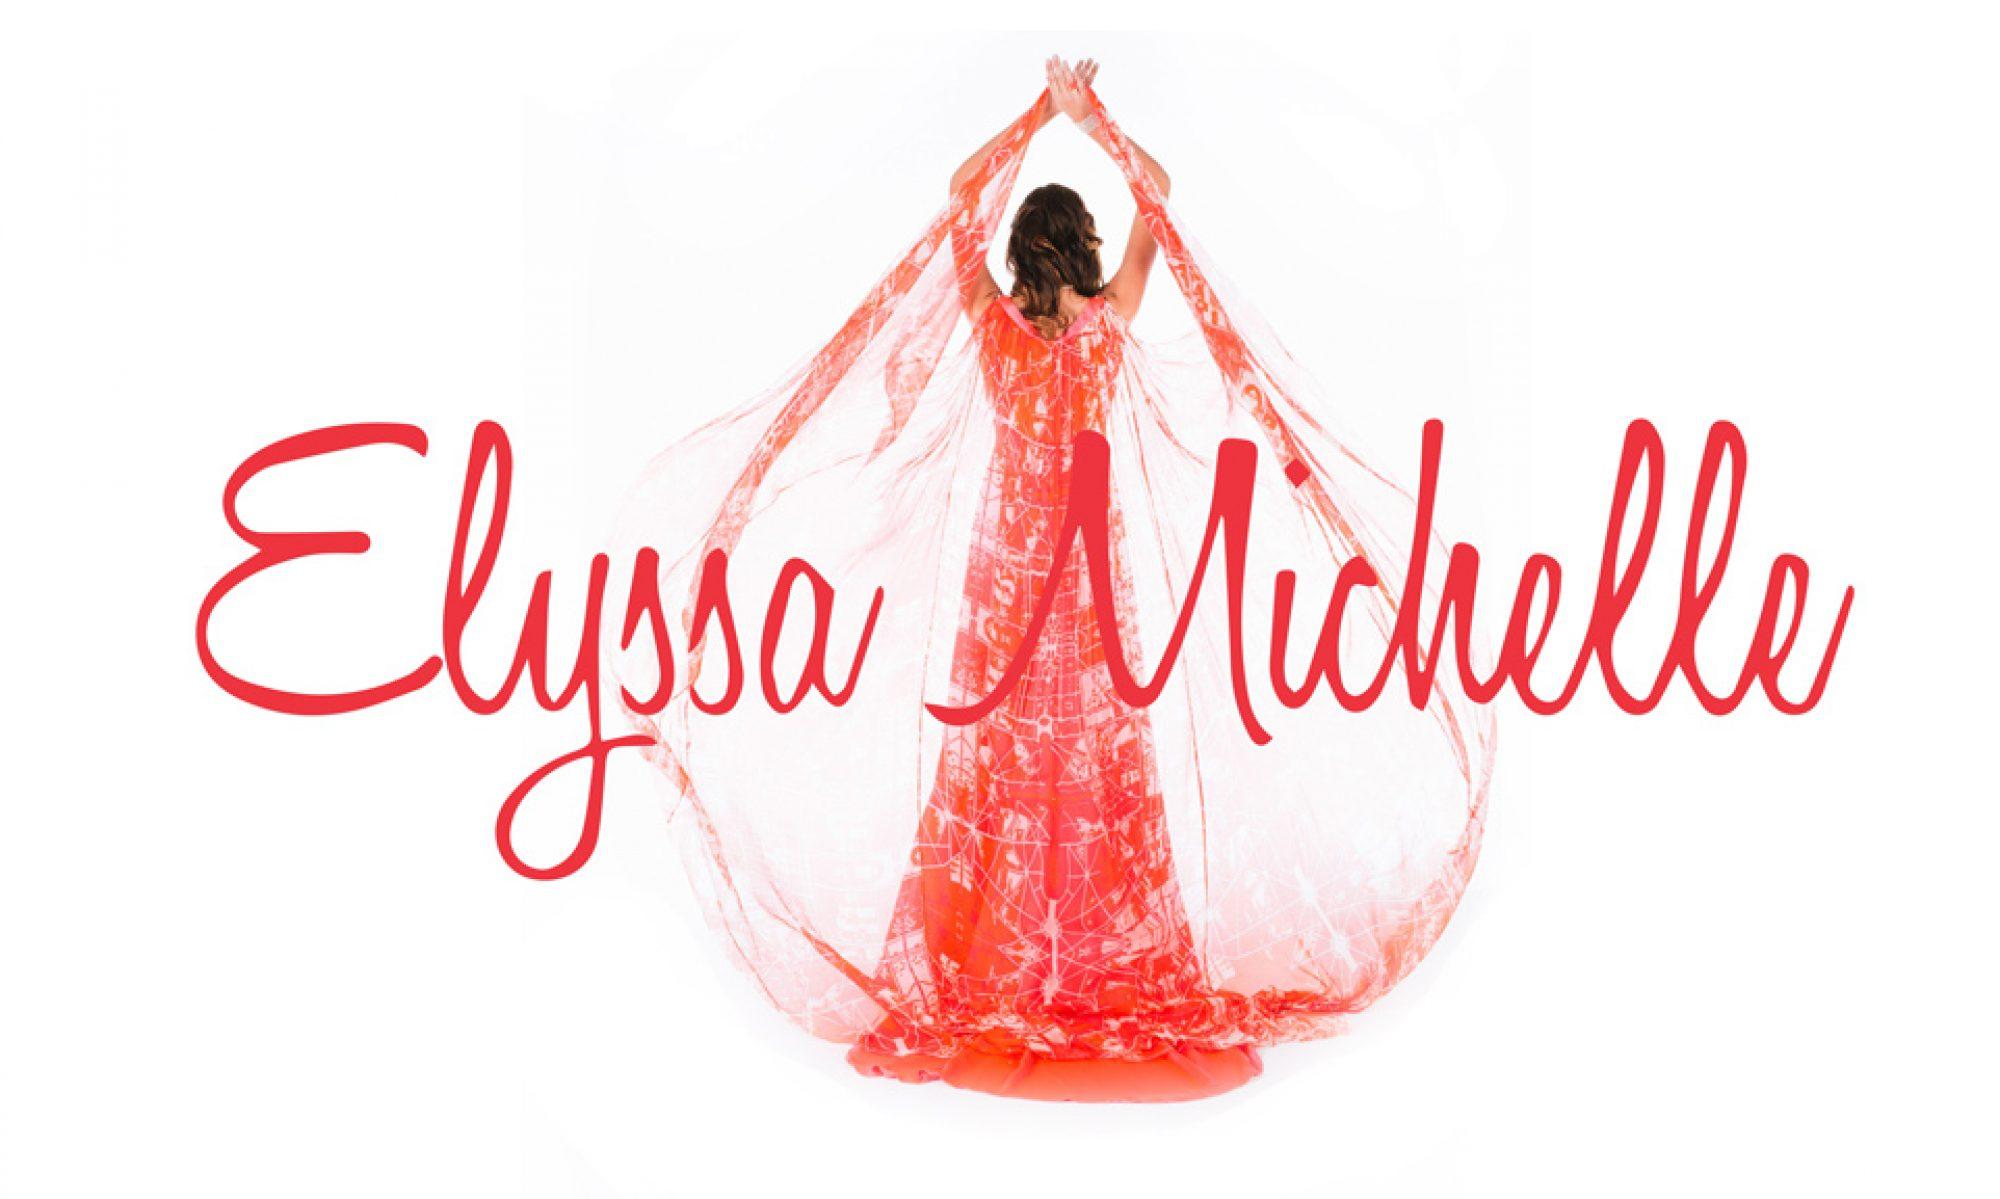 Elyssa Michelle